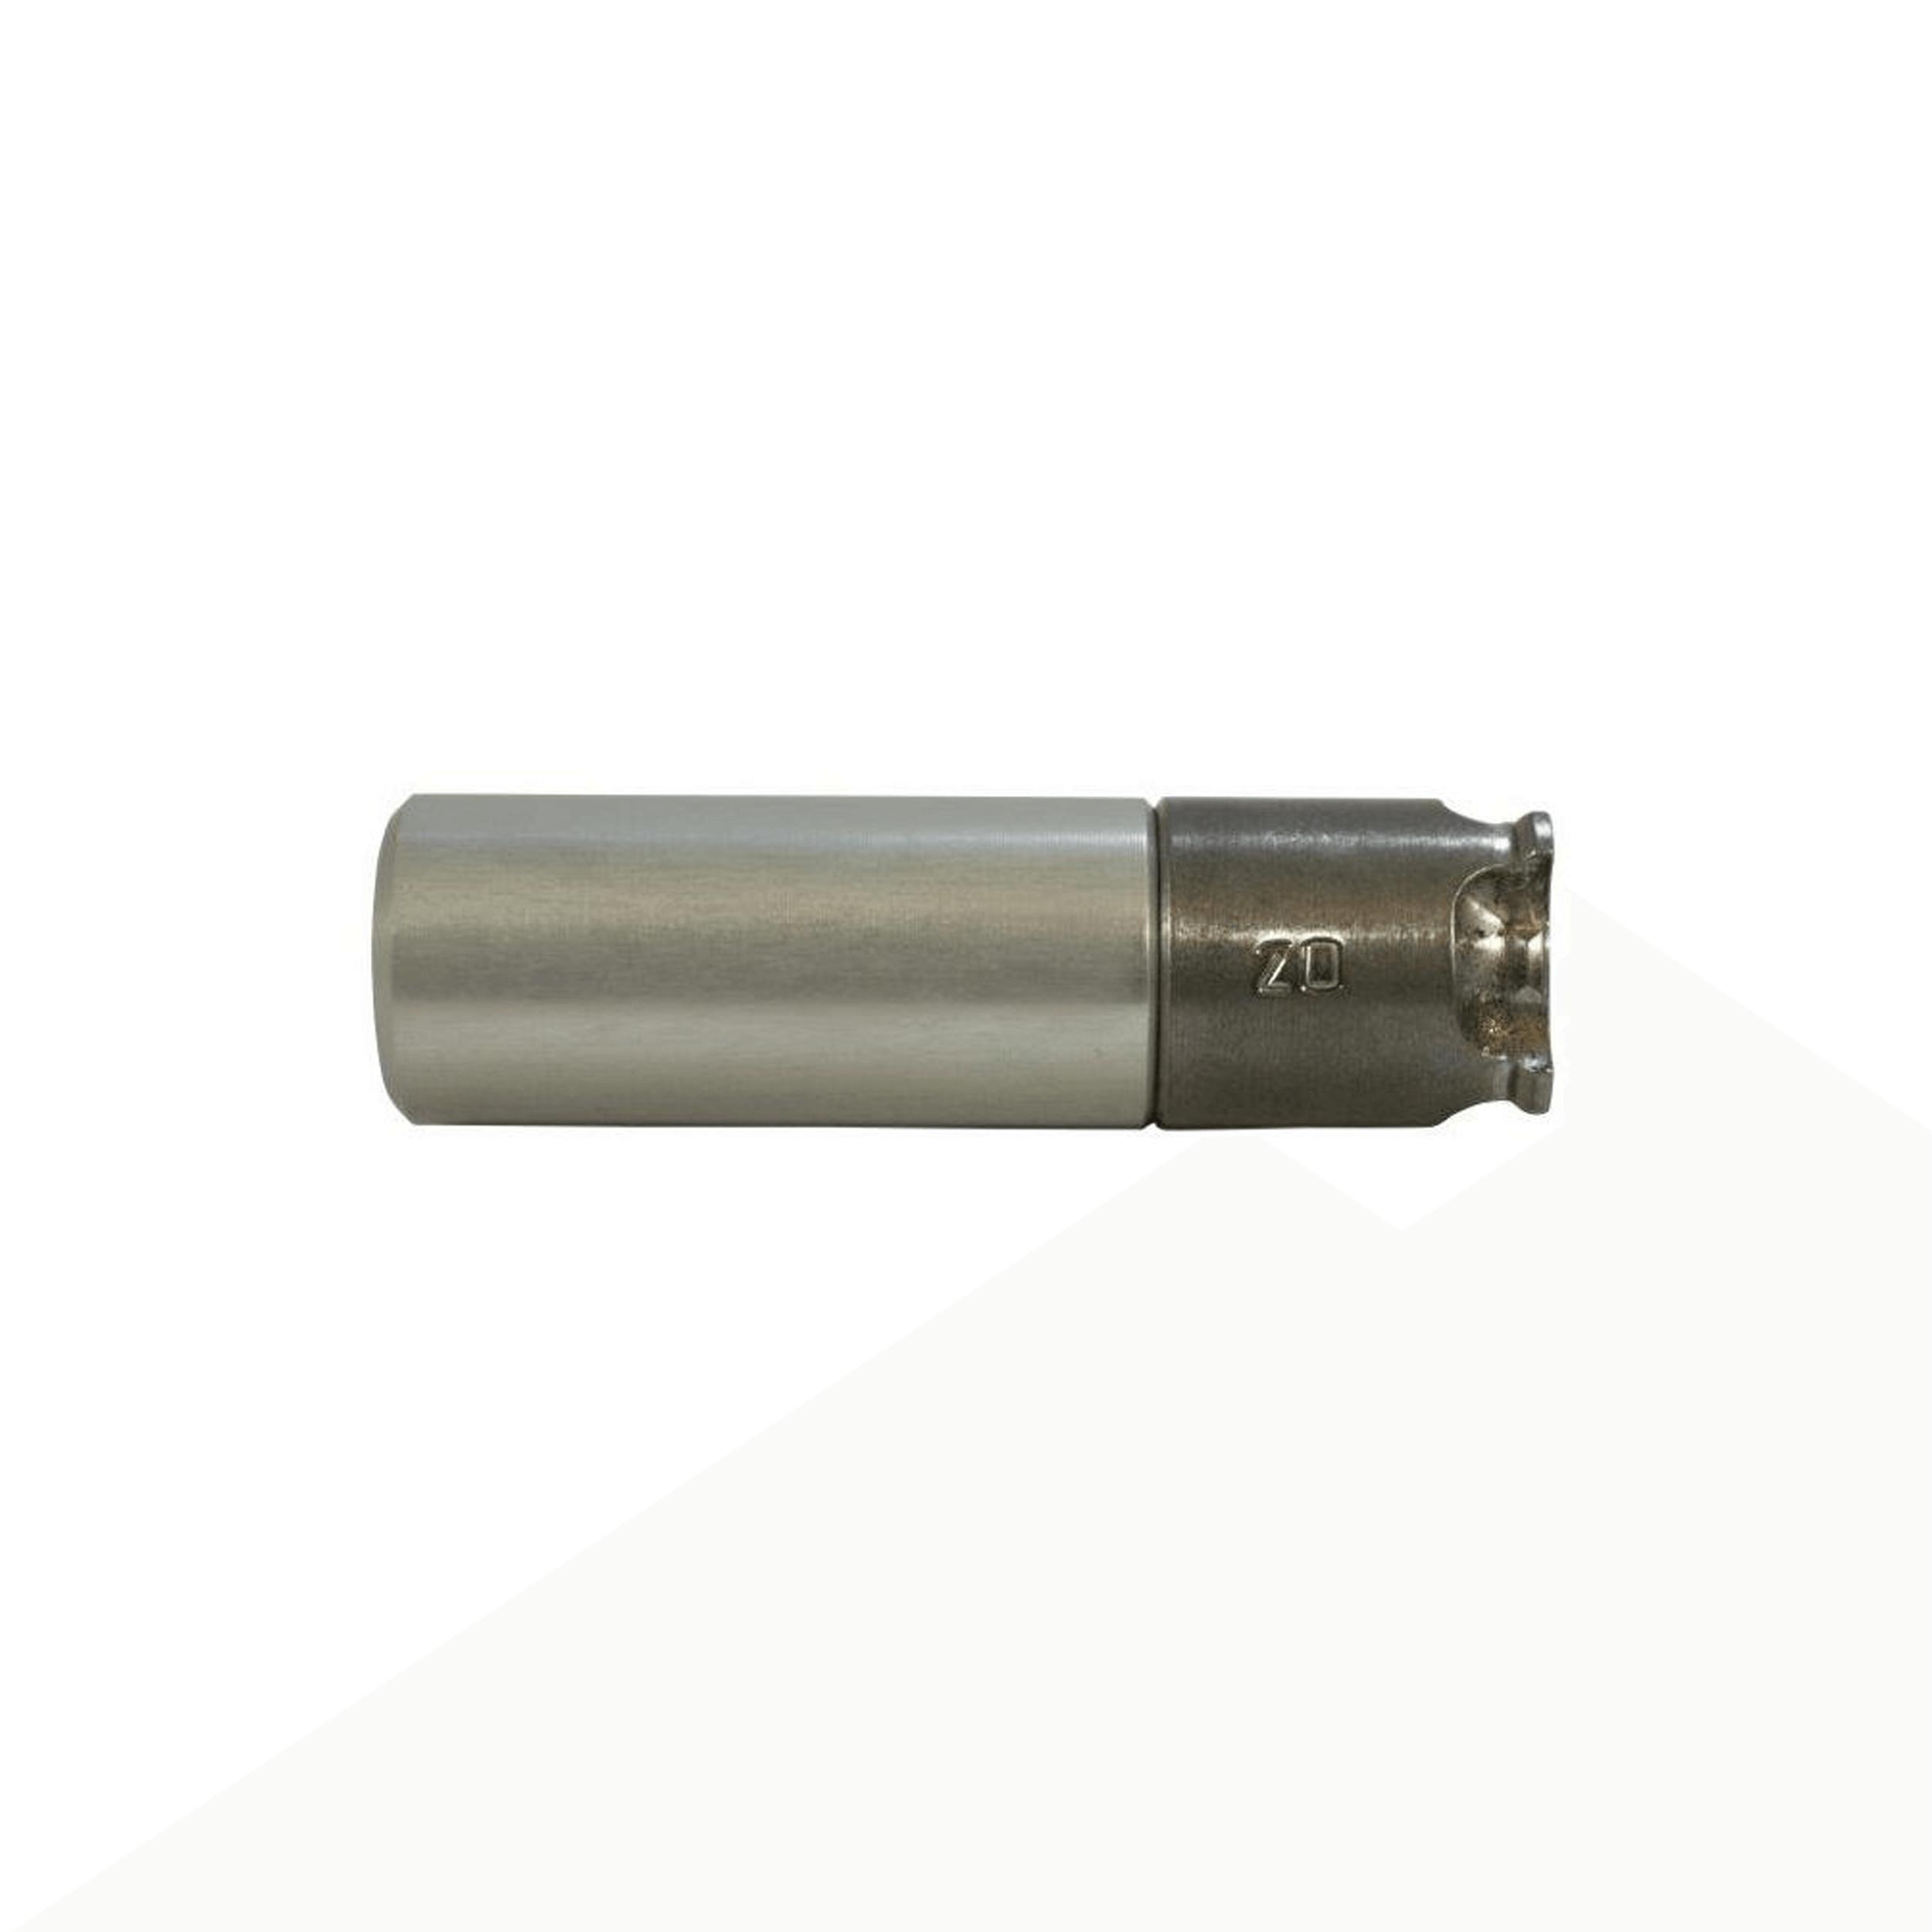 20 Gauge shot gun adapter